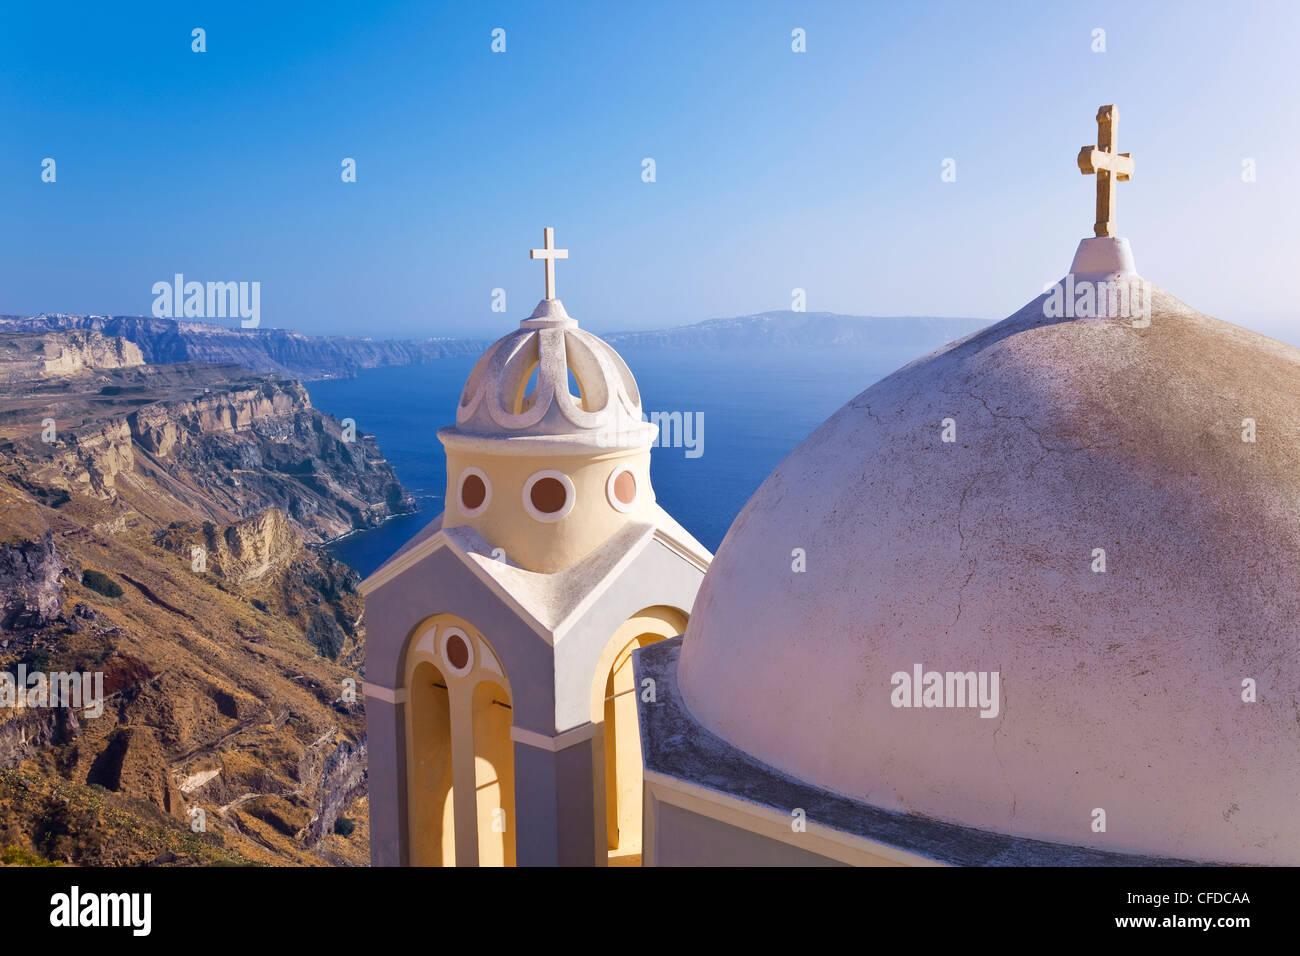 Iglesia Ortodoxa Griega en Fira, Santorini (Thira), Islas Cícladas, del mar Egeo, las Islas Griegas, Grecia, Imagen De Stock